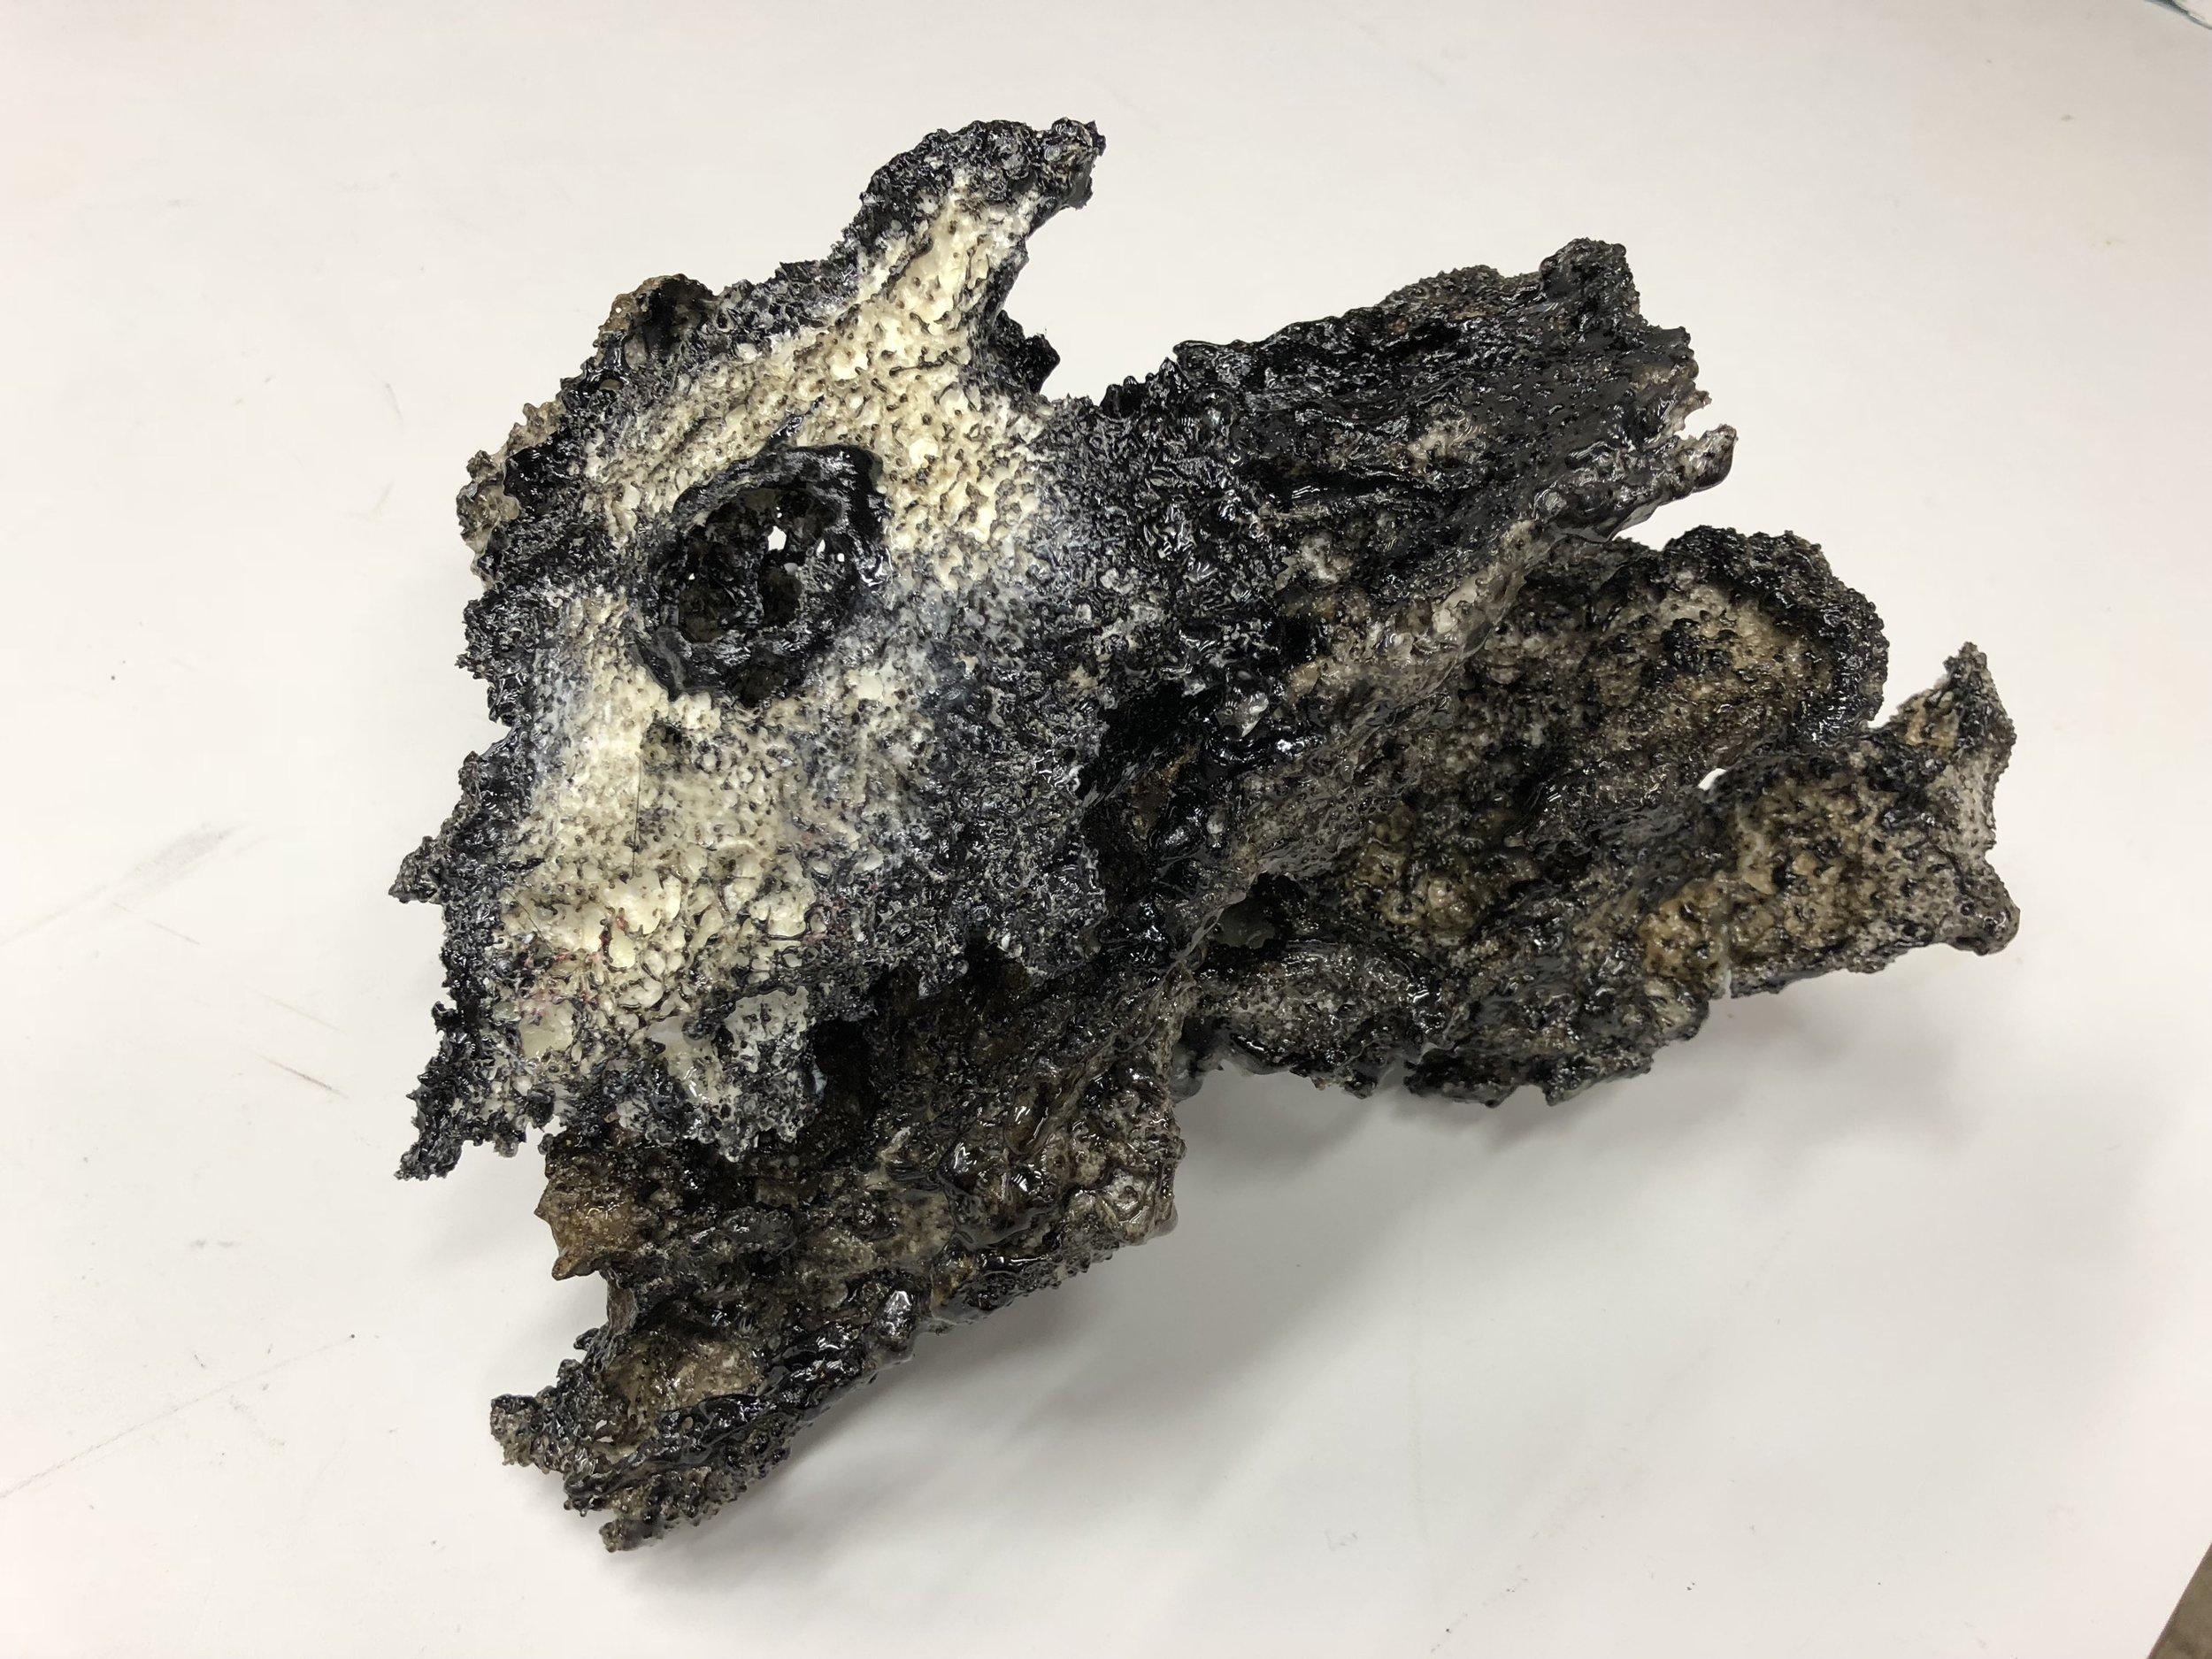 R Fishman %22Run Rabbit Run%22 2018  8' x10%22 x  7%22  polystyrene, resin.jpg